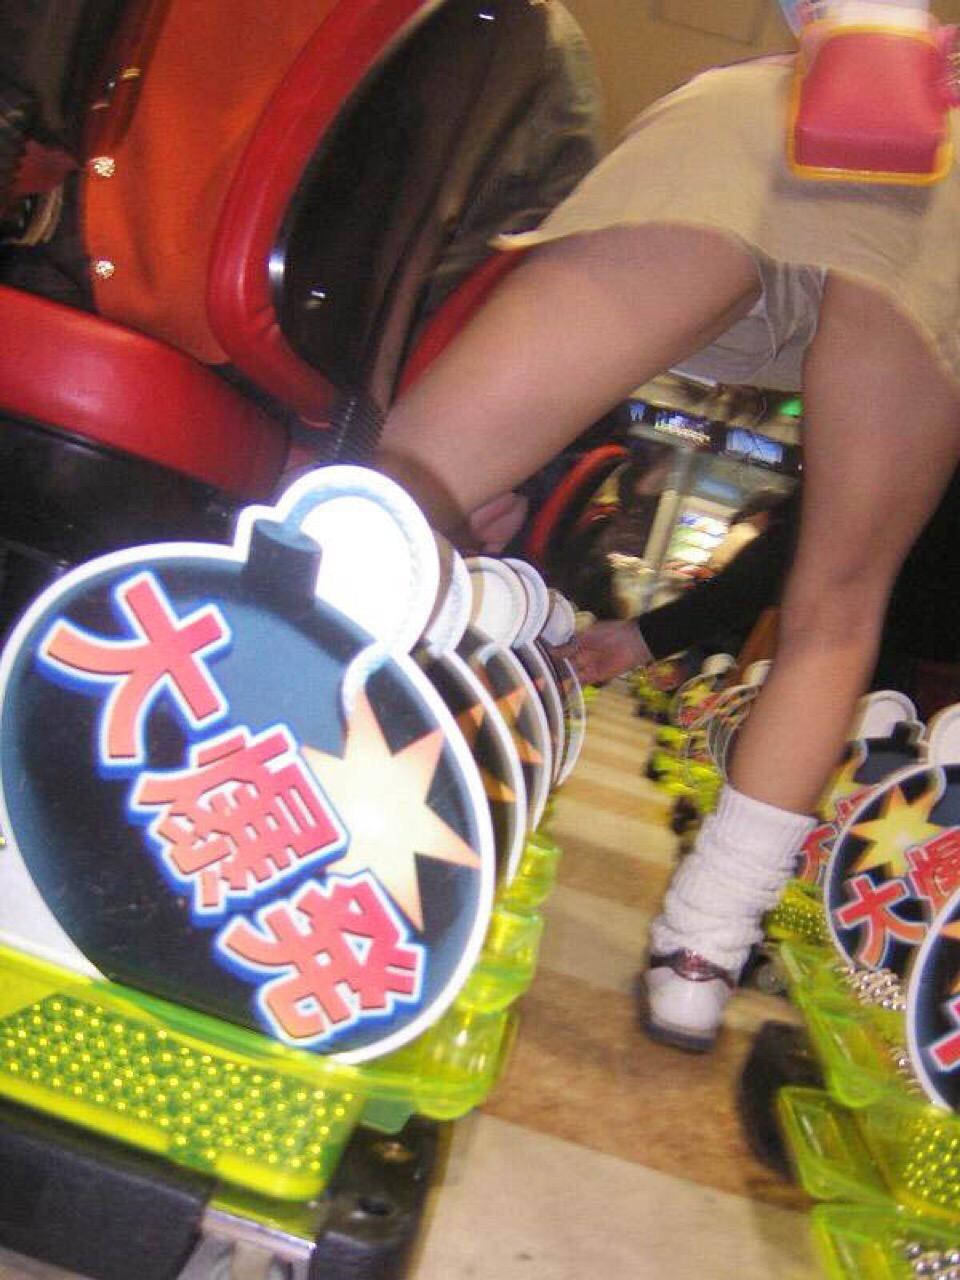 【パンチラ画像】パチンコ店で働くお姉さんの汗を吸収したパンツがこちらwwwwwww 1Ykk3gU